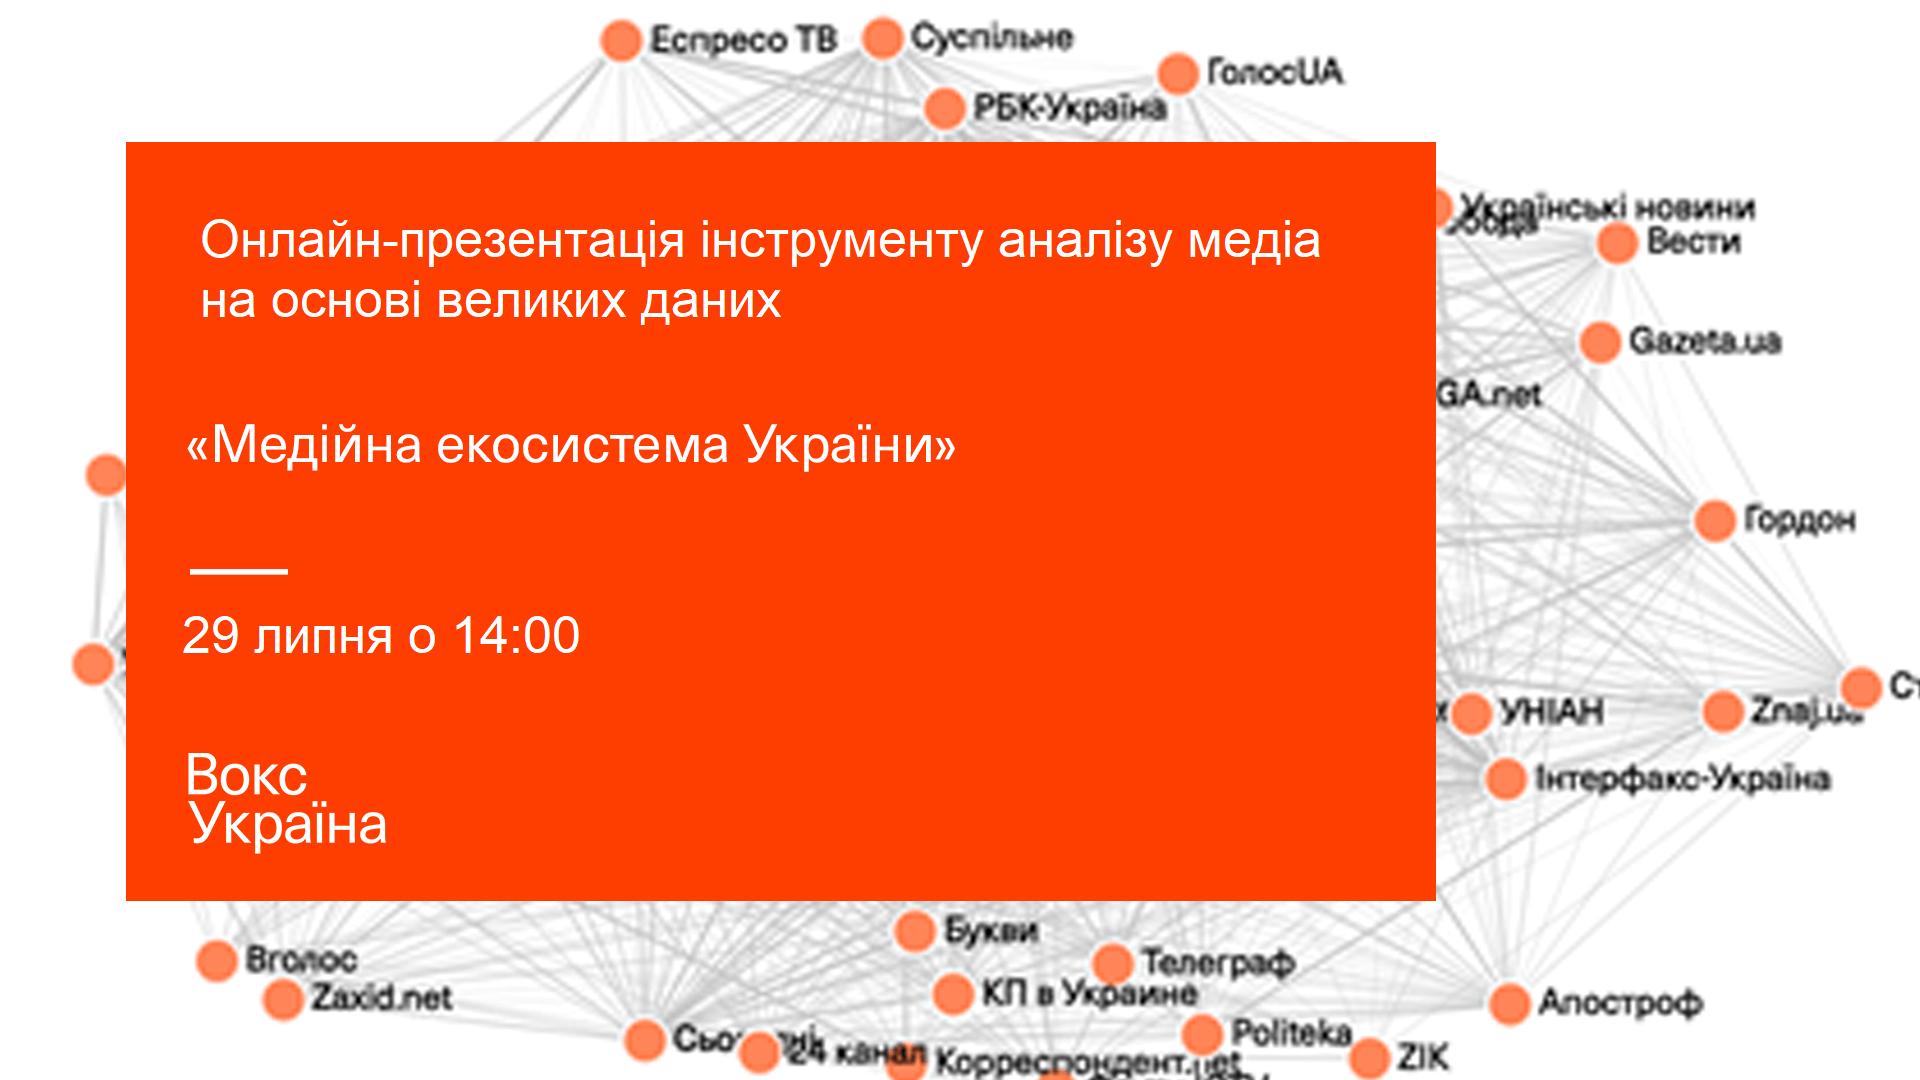 Онлайн-презентація інструменту аналізу медіа на основі великих даних: «Медійна екосистема України»